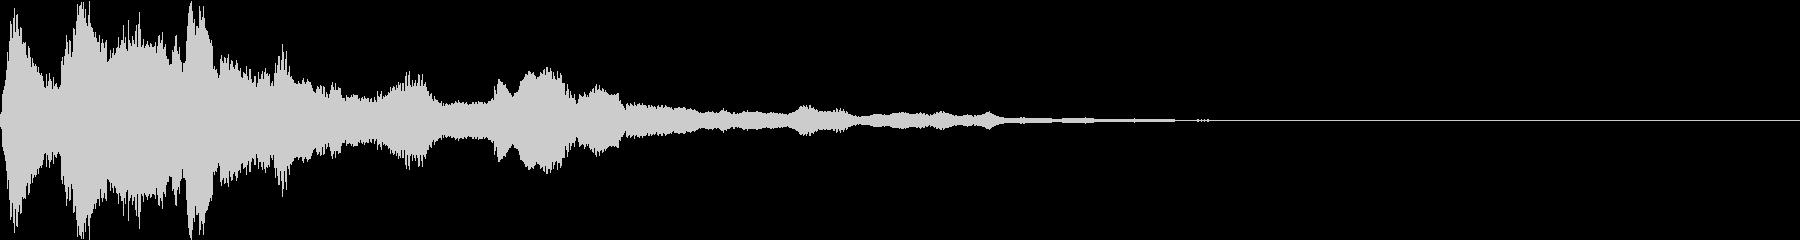 キラーン(スタート 決定 メカニカル)の未再生の波形